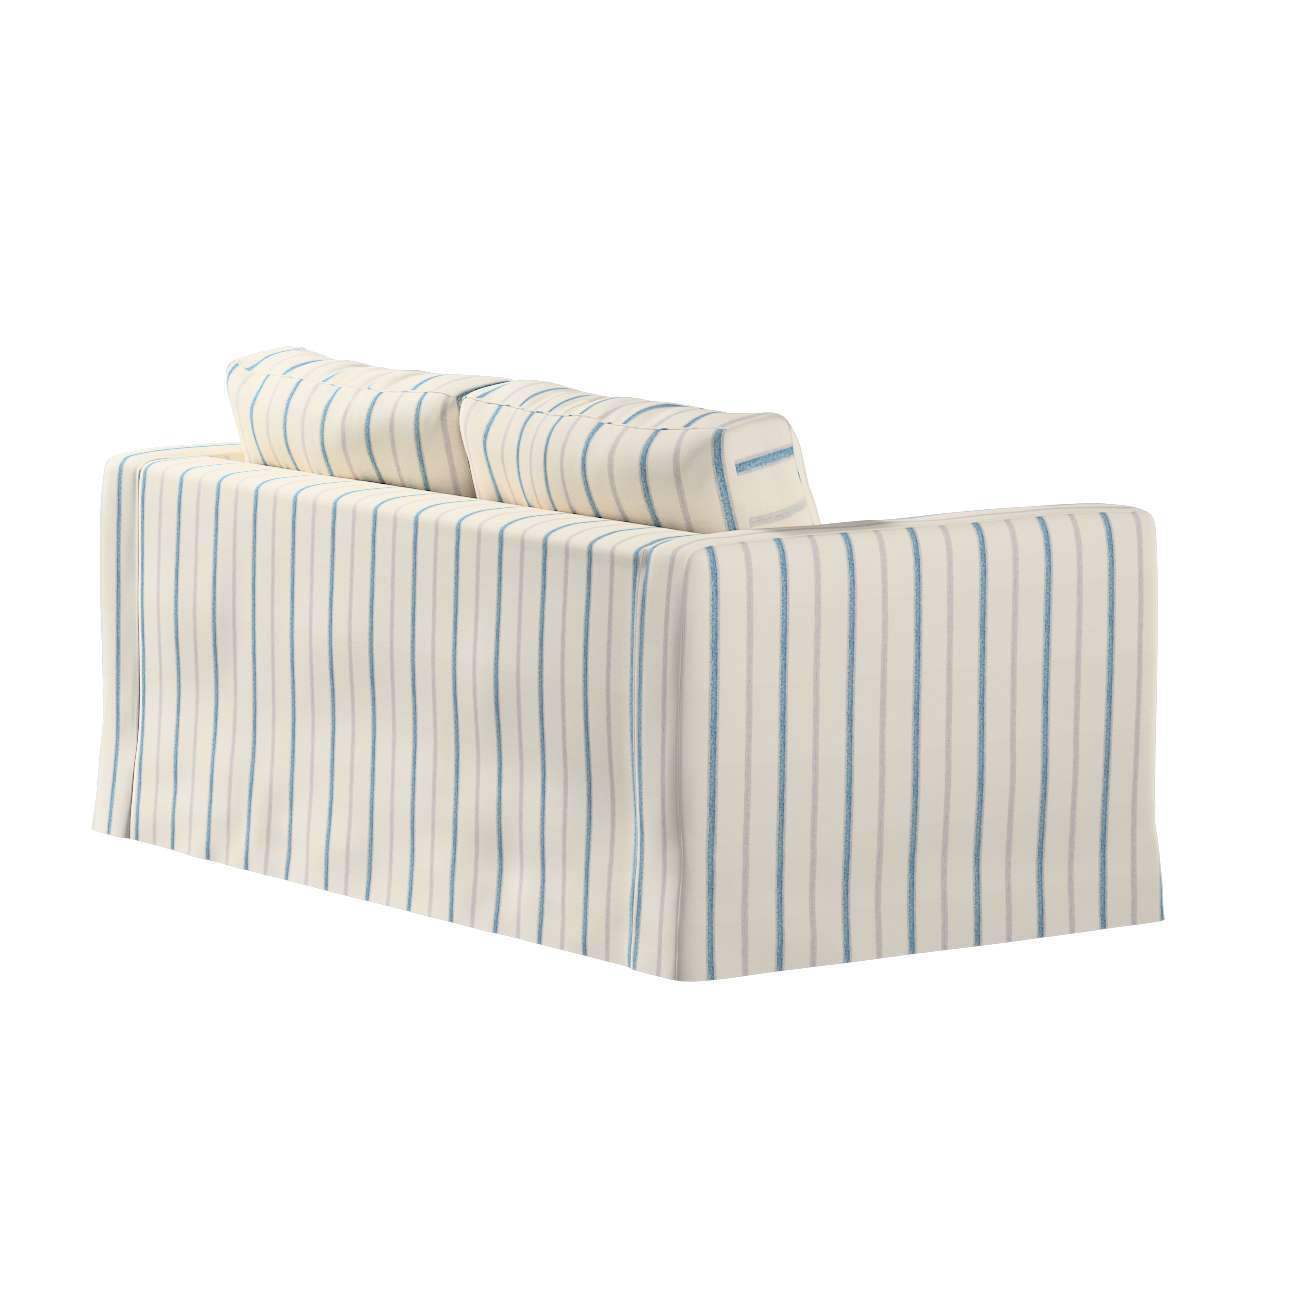 Pokrowiec na sofę Karlstad 2-osobową nierozkładaną długi w kolekcji Avinon, tkanina: 129-66